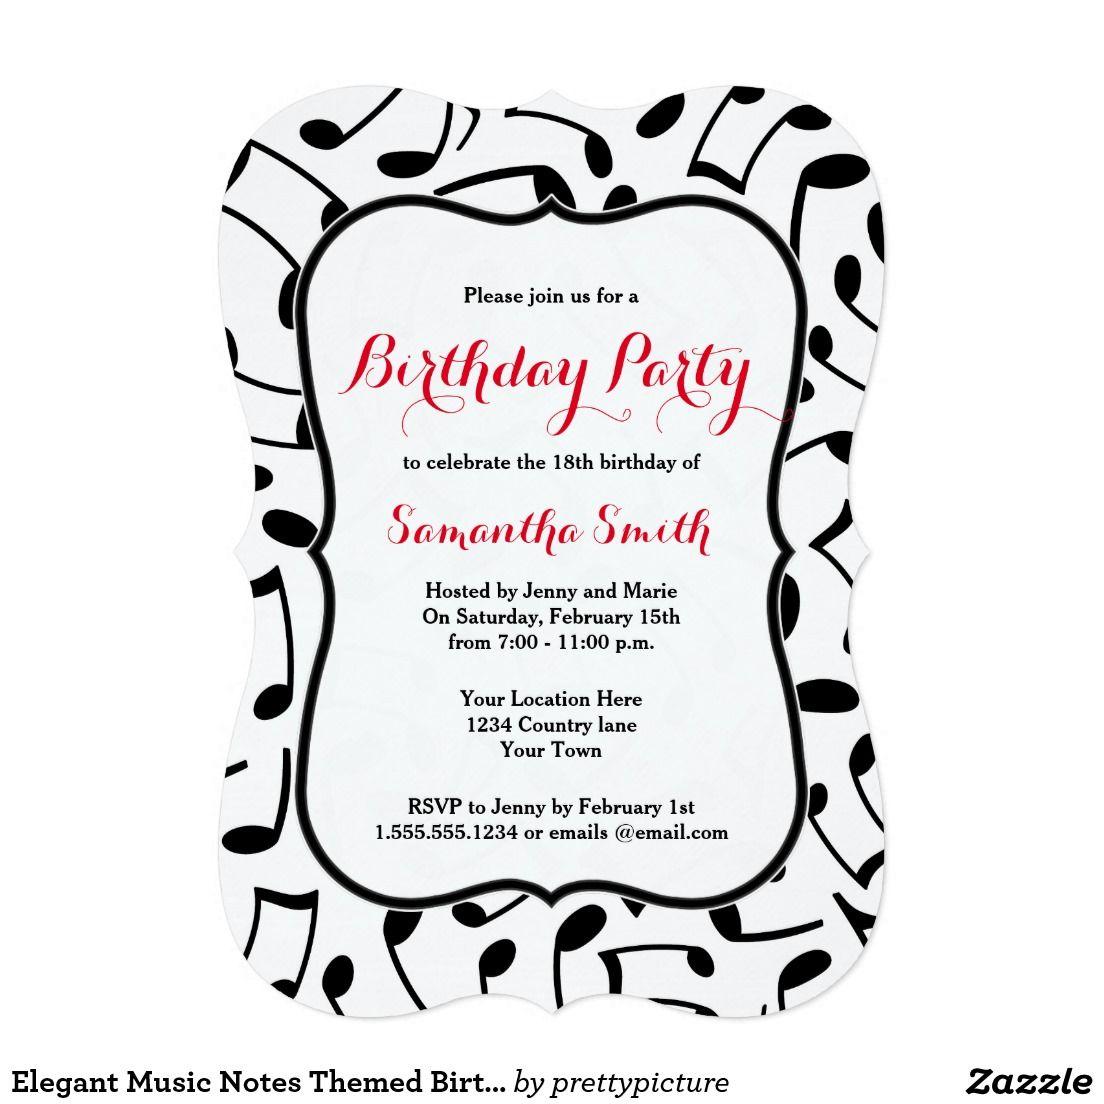 Elegant Music Notes Themed Birthday Party Invite   Themed birthday ...